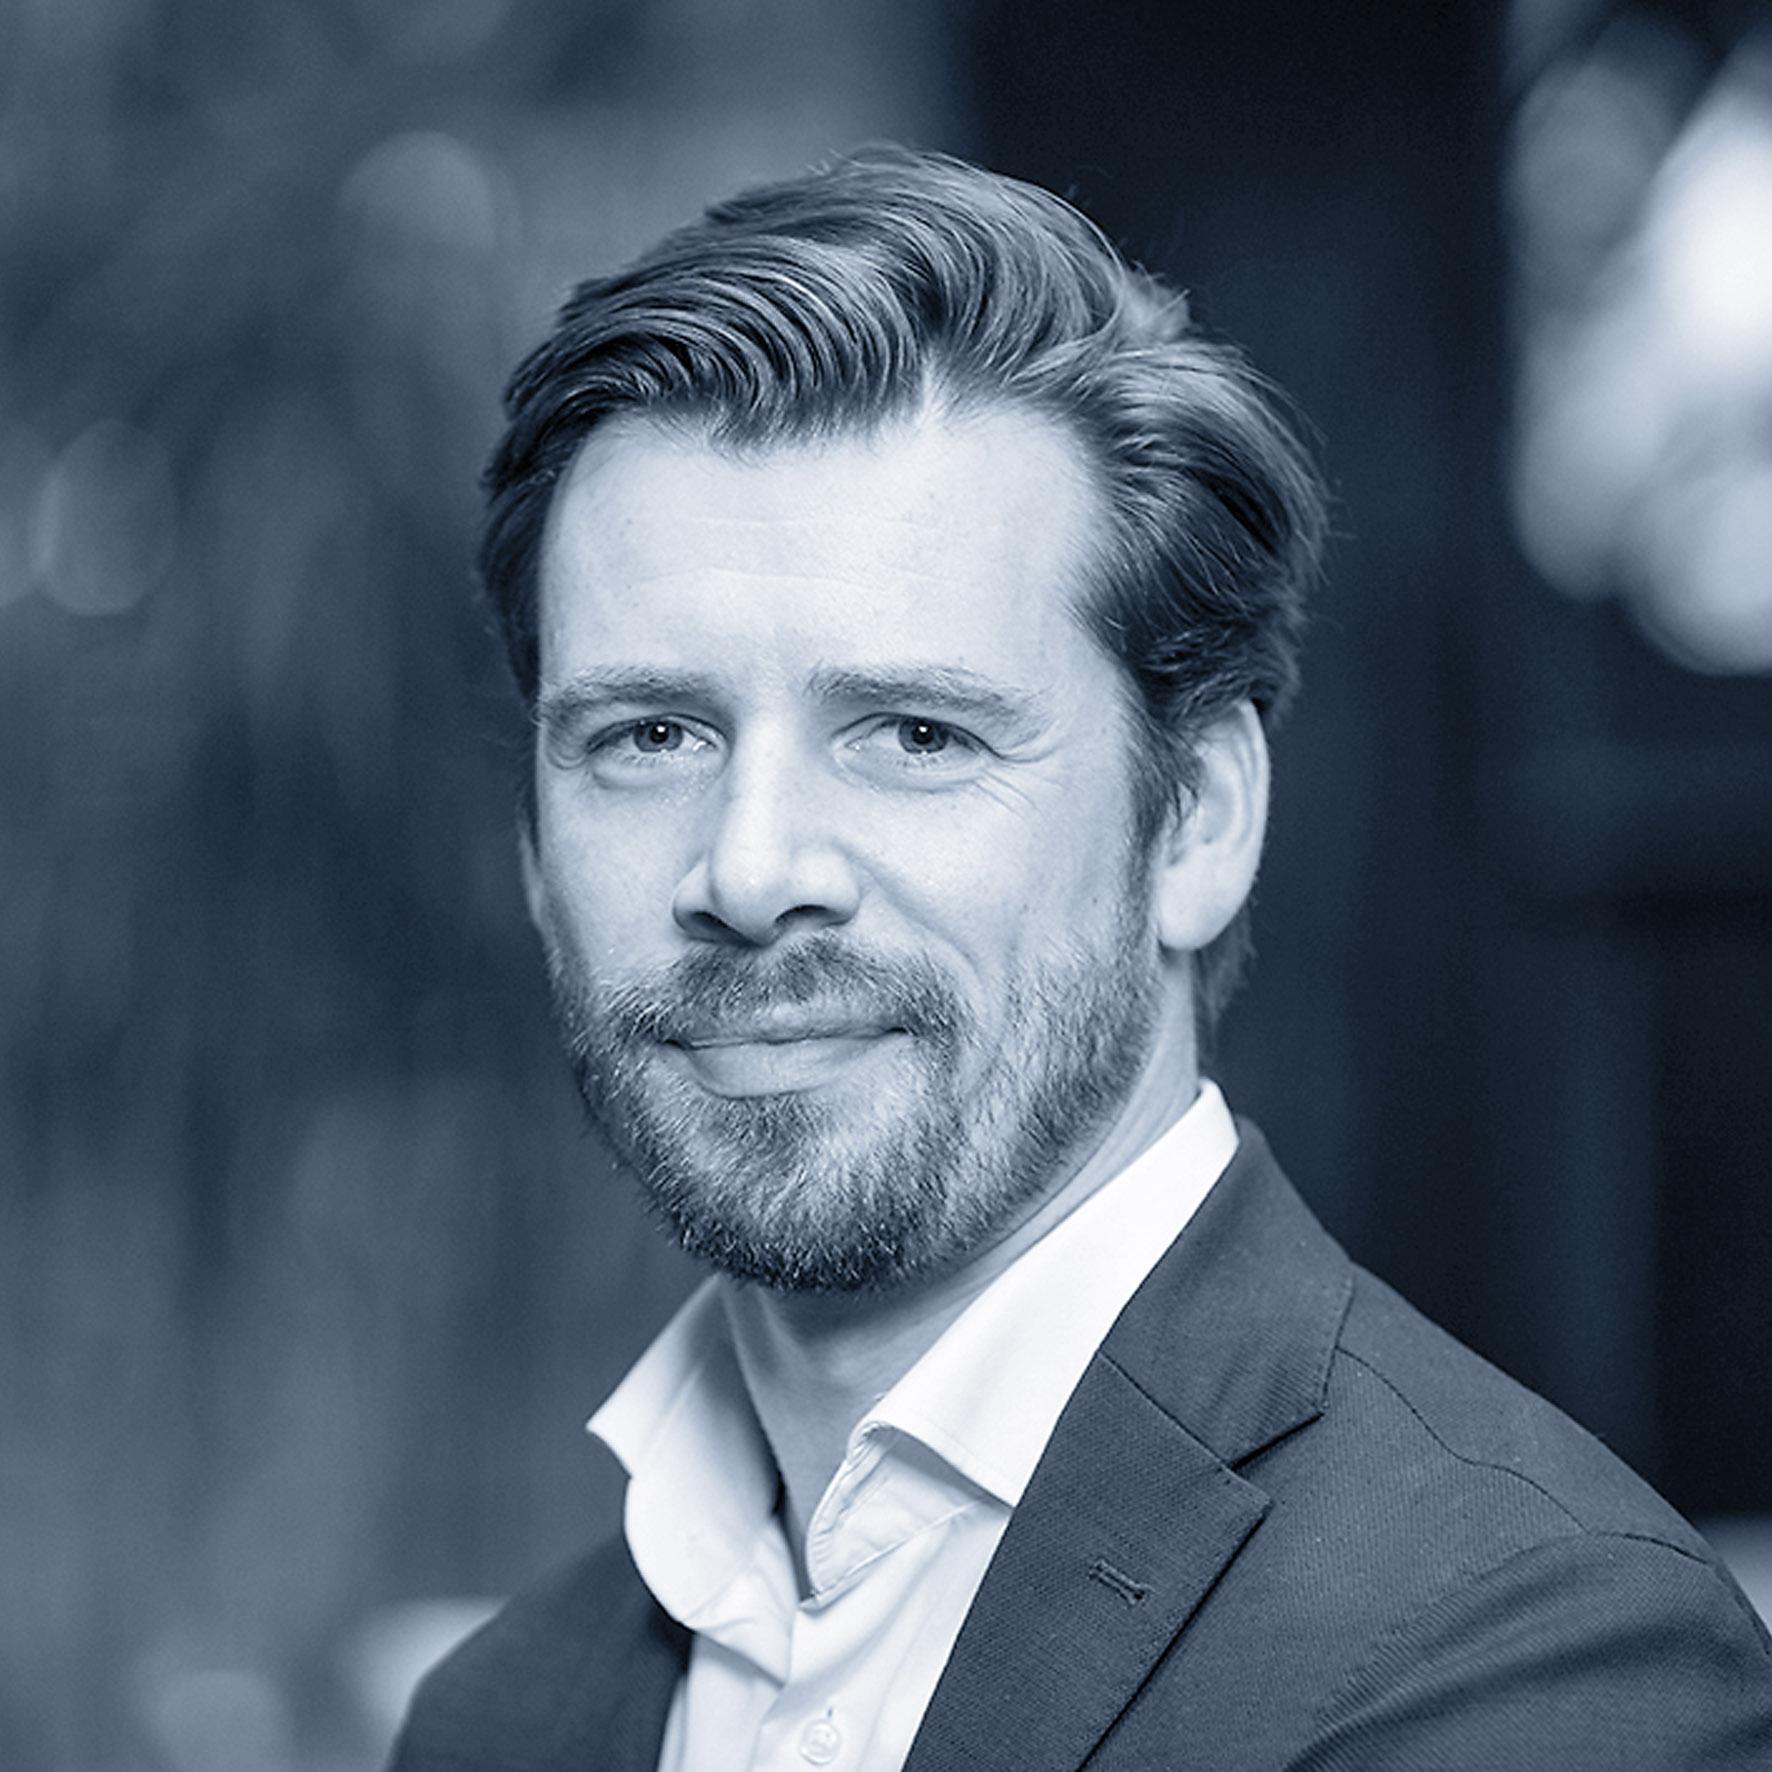 Chiel_op_den_Brouw-Profielfoto Blog Website